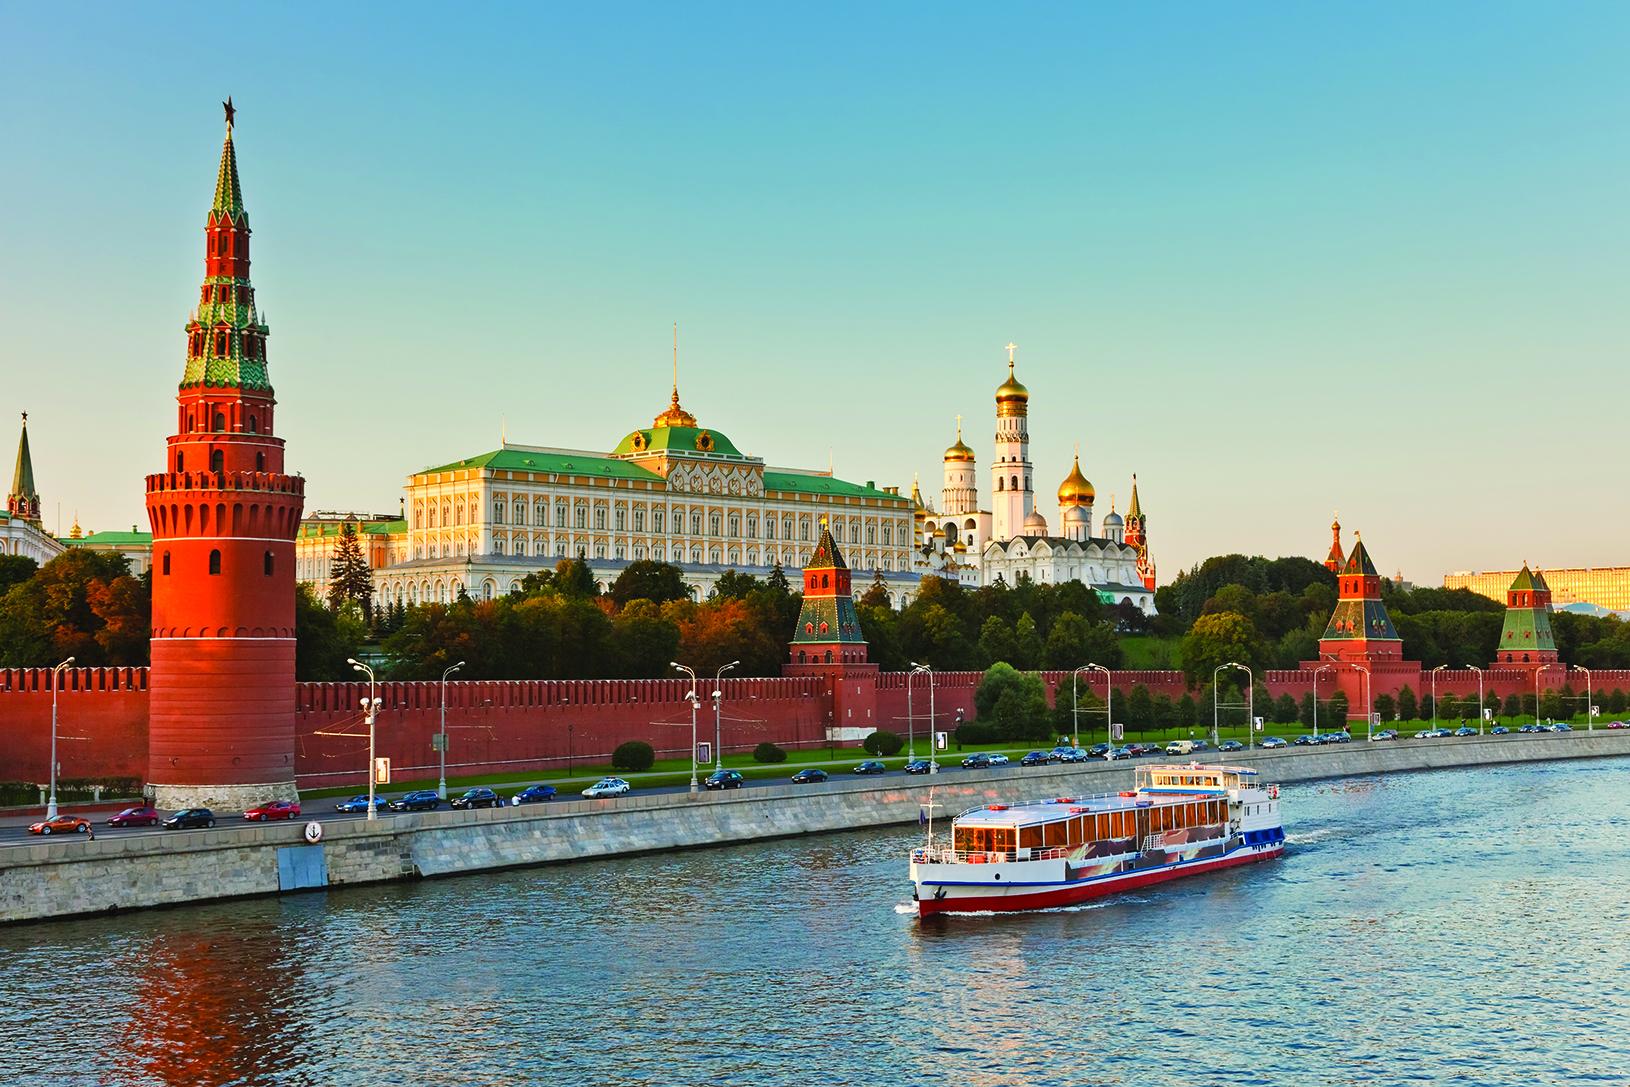 Москва фото красивые высокого качества, своими руками пасху